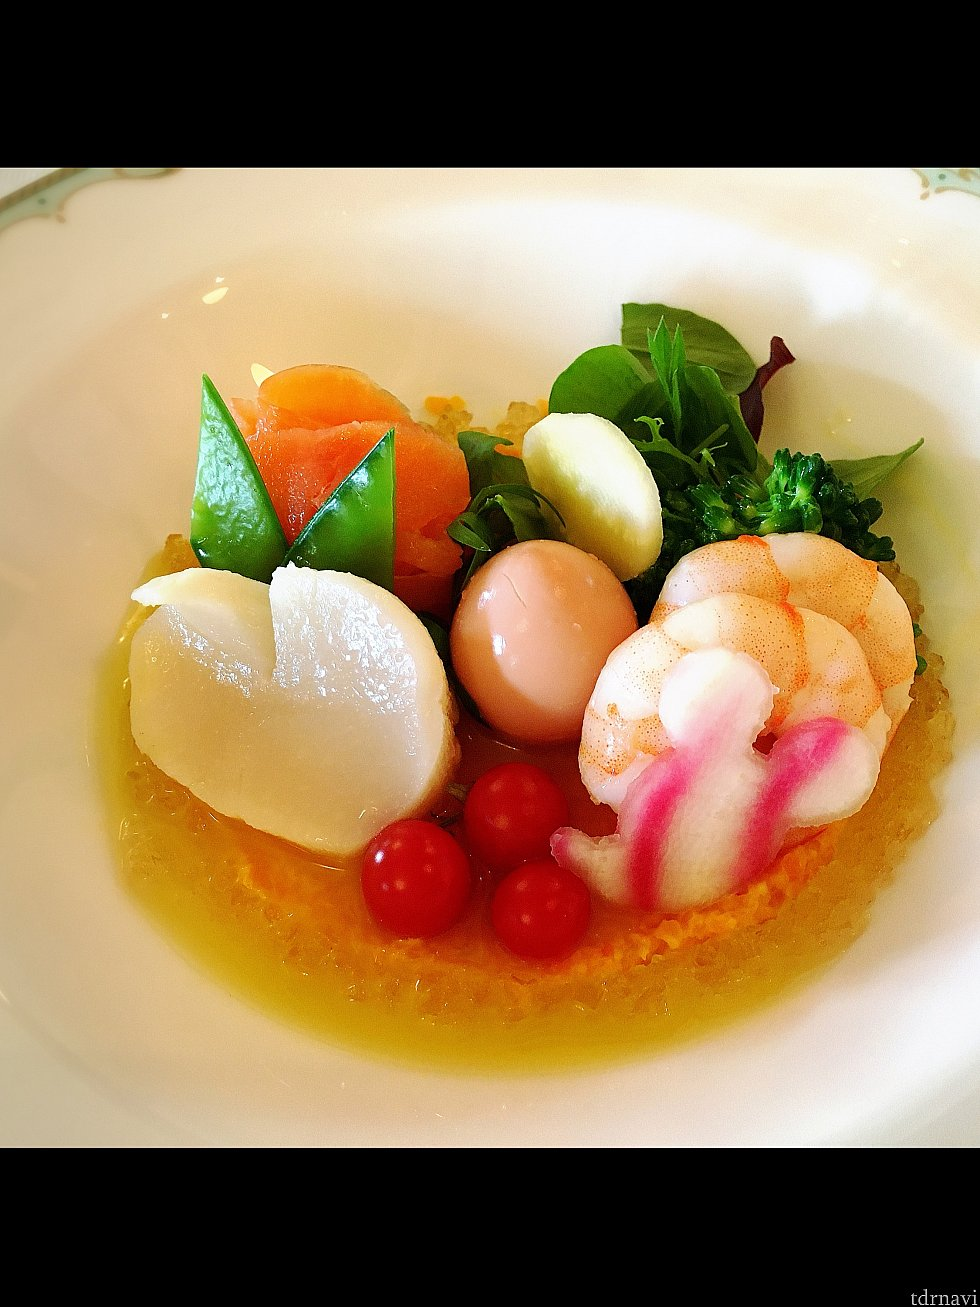 前菜の「シーフードマリネ モッツァレッラとエッグ」。左奥のサーモンと(見えていないけど)モッツァレラチーズでお花を表現しているそうです